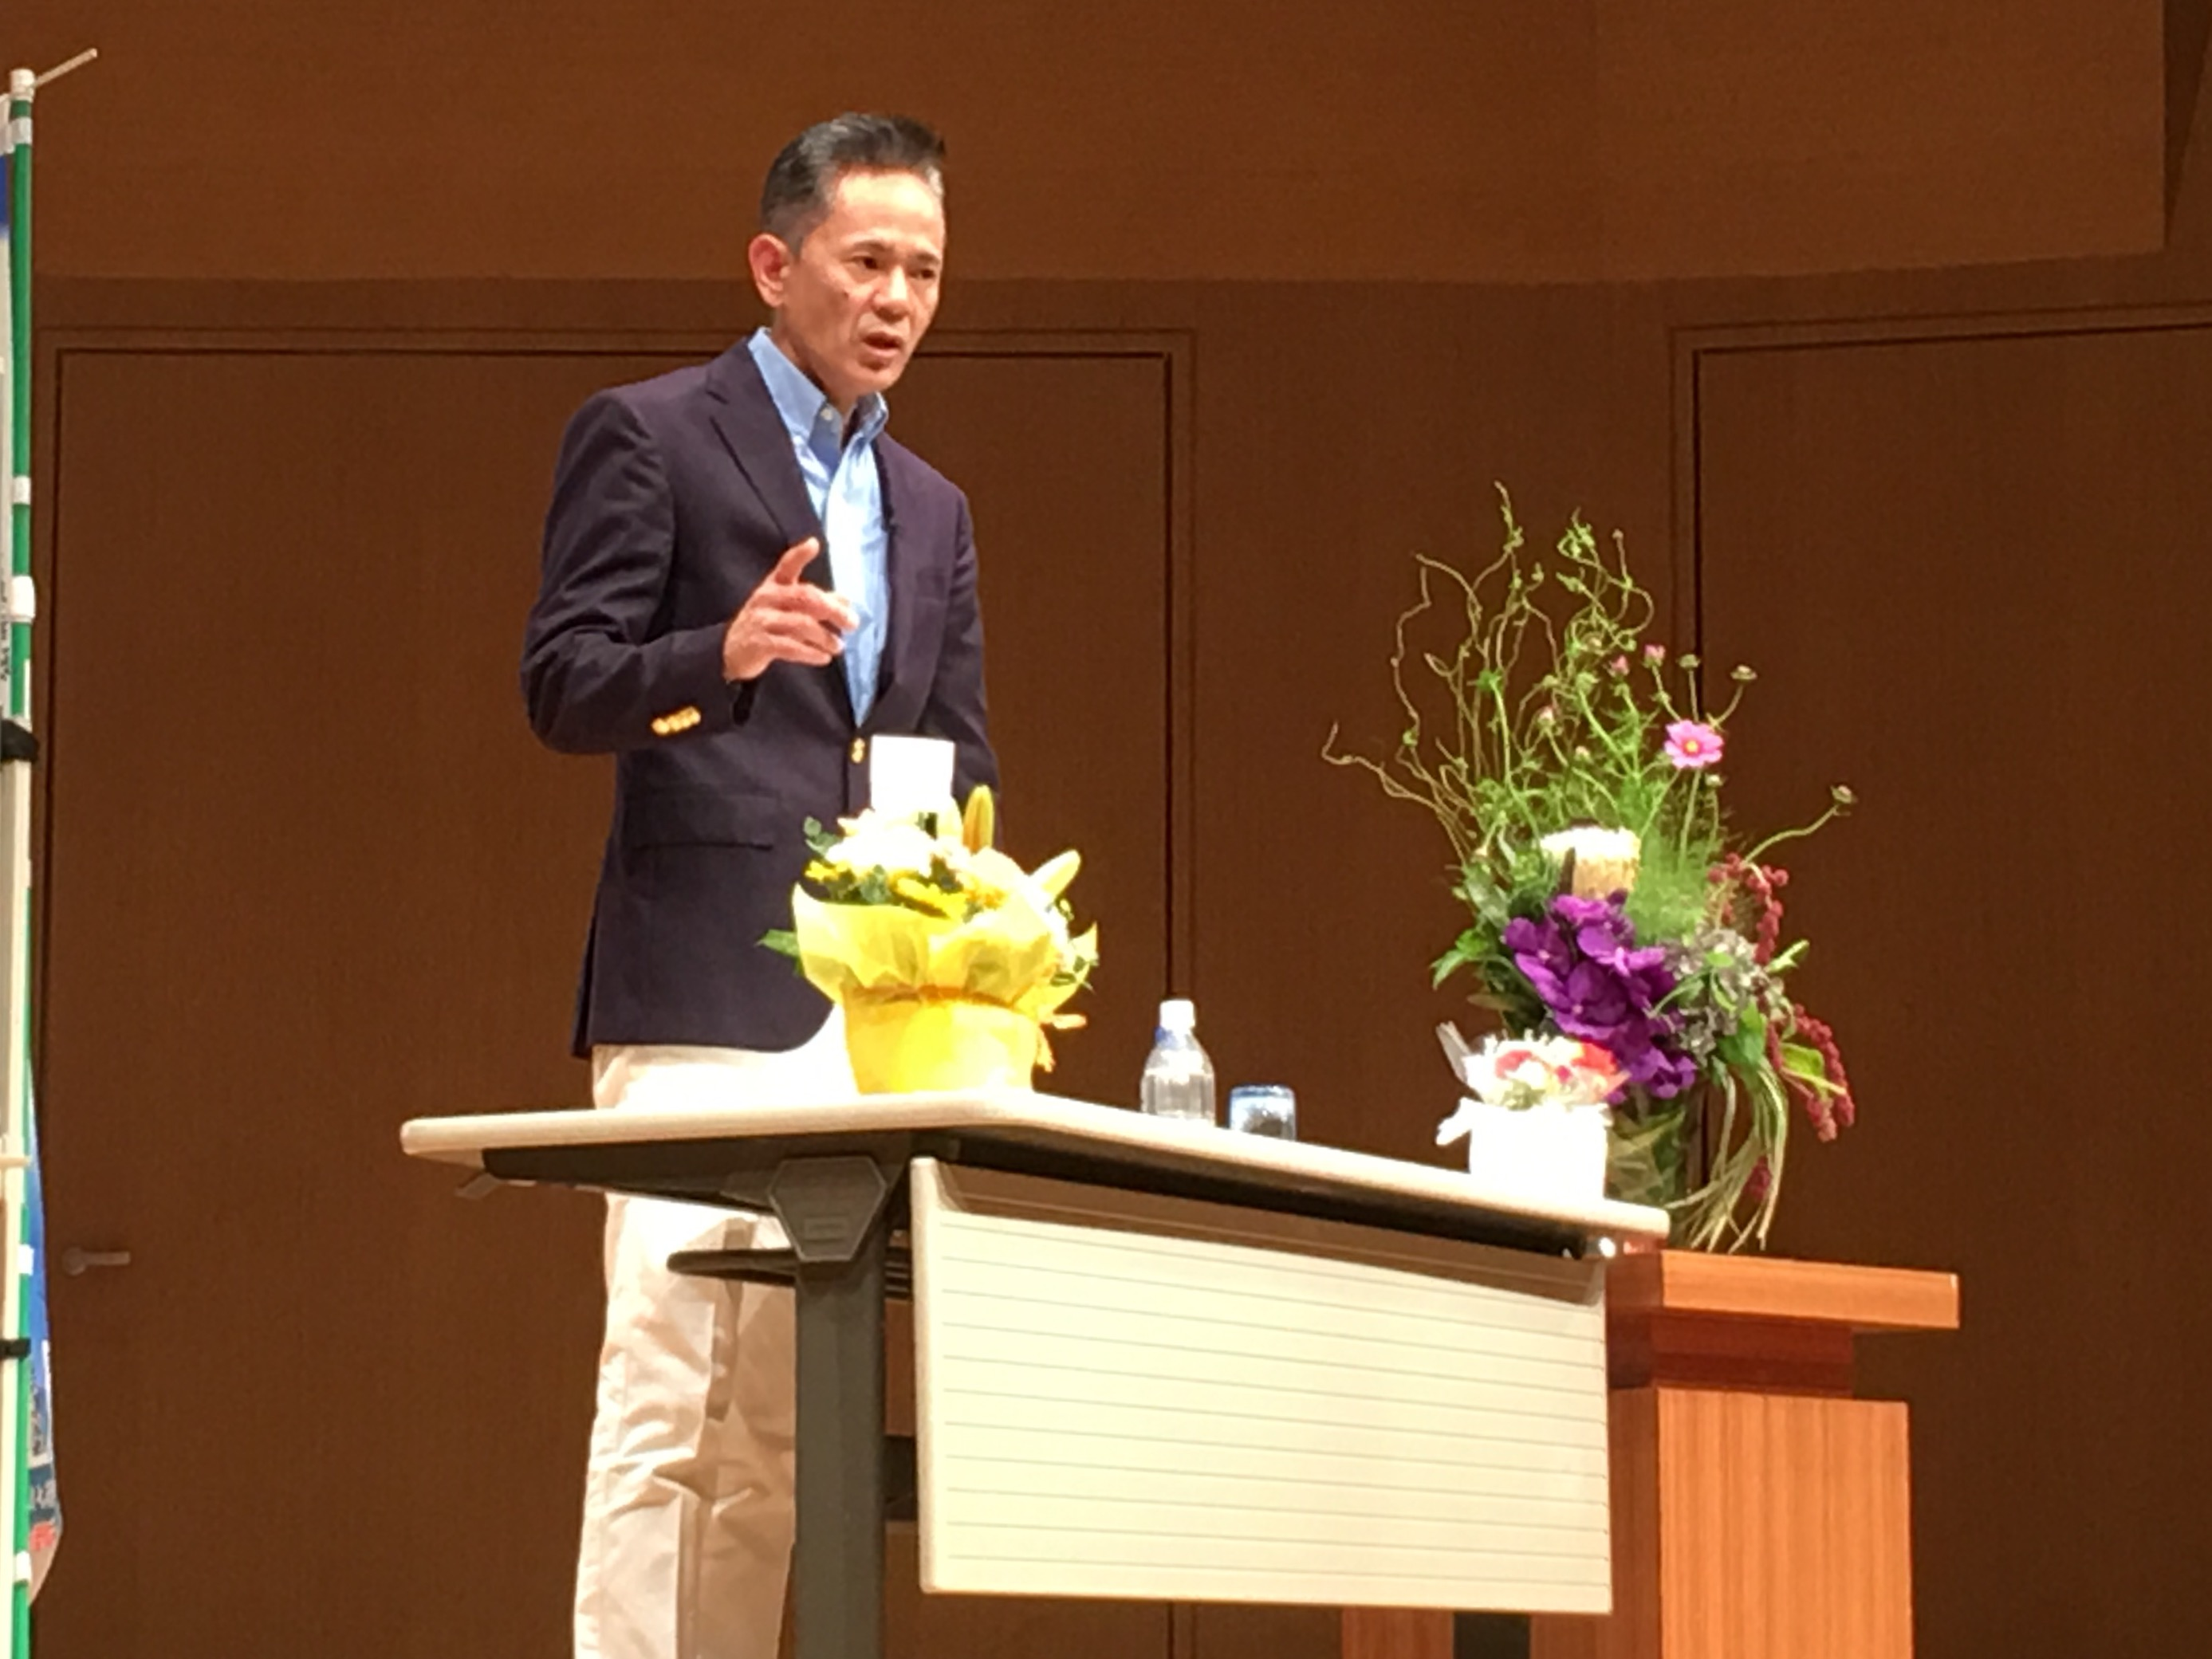 北海道十勝講演会 自分を生きるコツ‼️ スタート